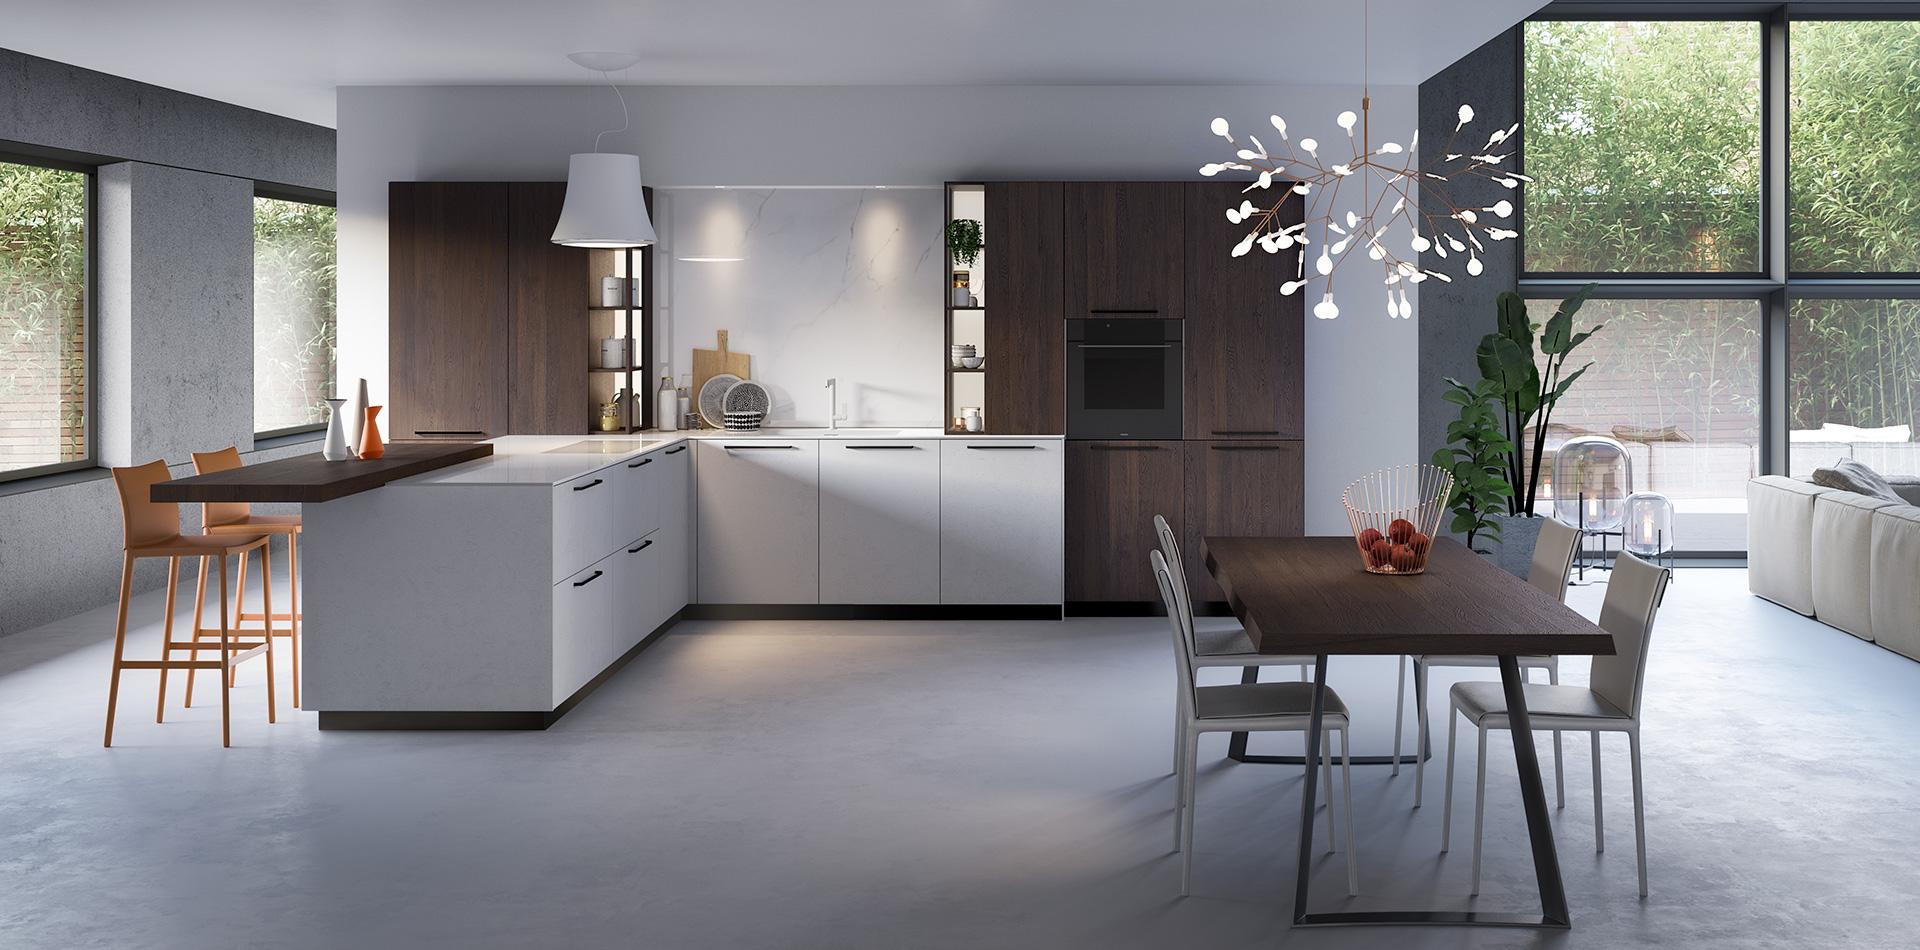 Küchen in g-form - Vettoretti